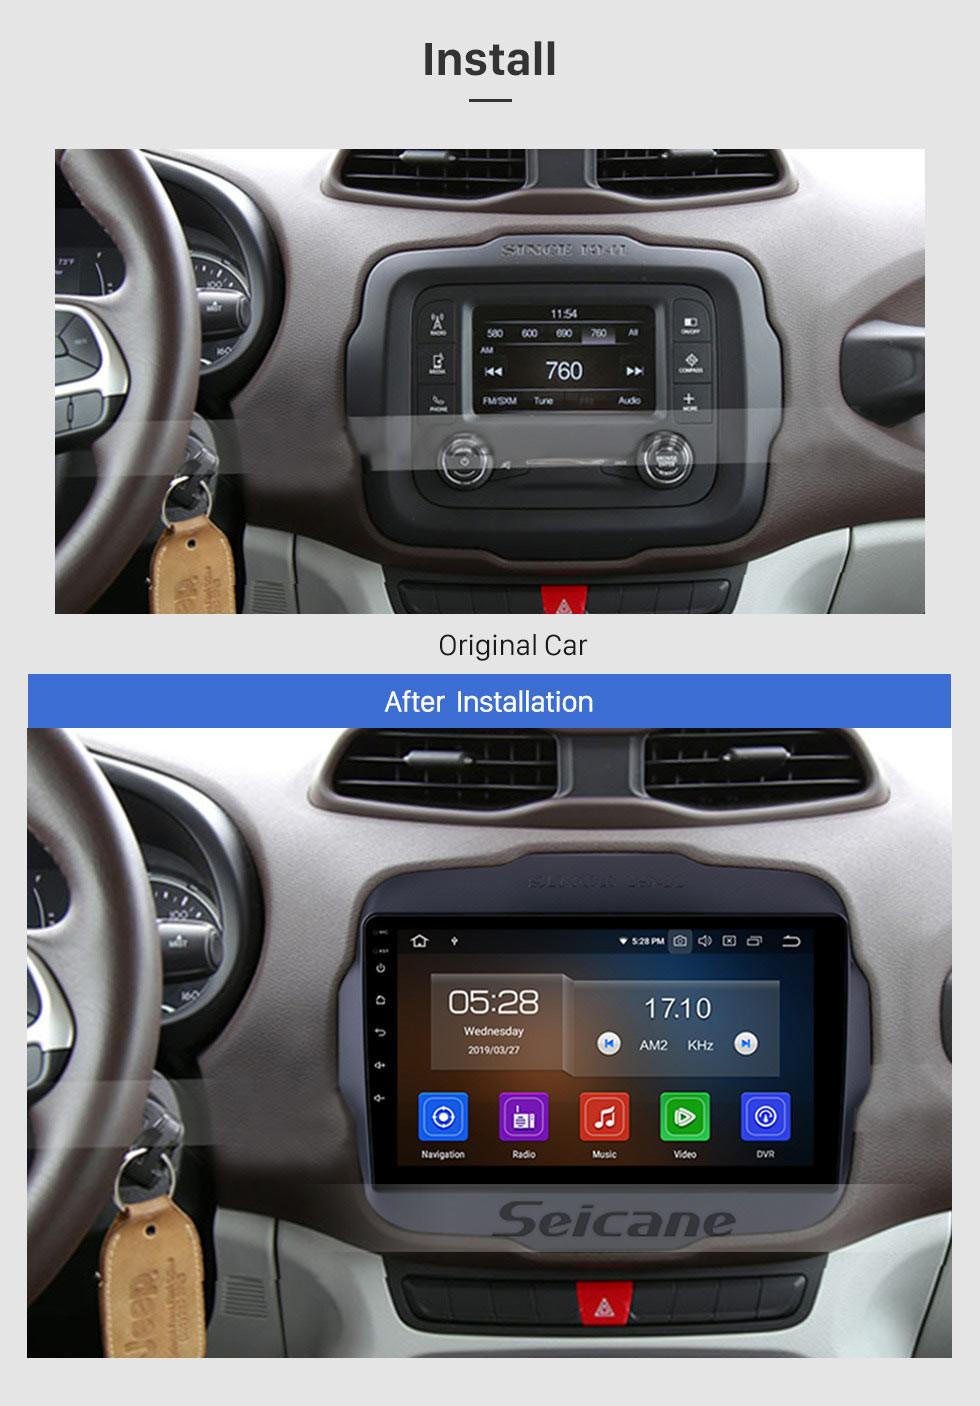 Seicane 9 дюймов 2016 Jeep RENEGADE HD Сенсорный экран Android 9.0 Радио GPS-навигационная система Поддержка 3G WIFI Bluetooth Управление рулевым колесом DVR AUX OBD2 Задняя камера